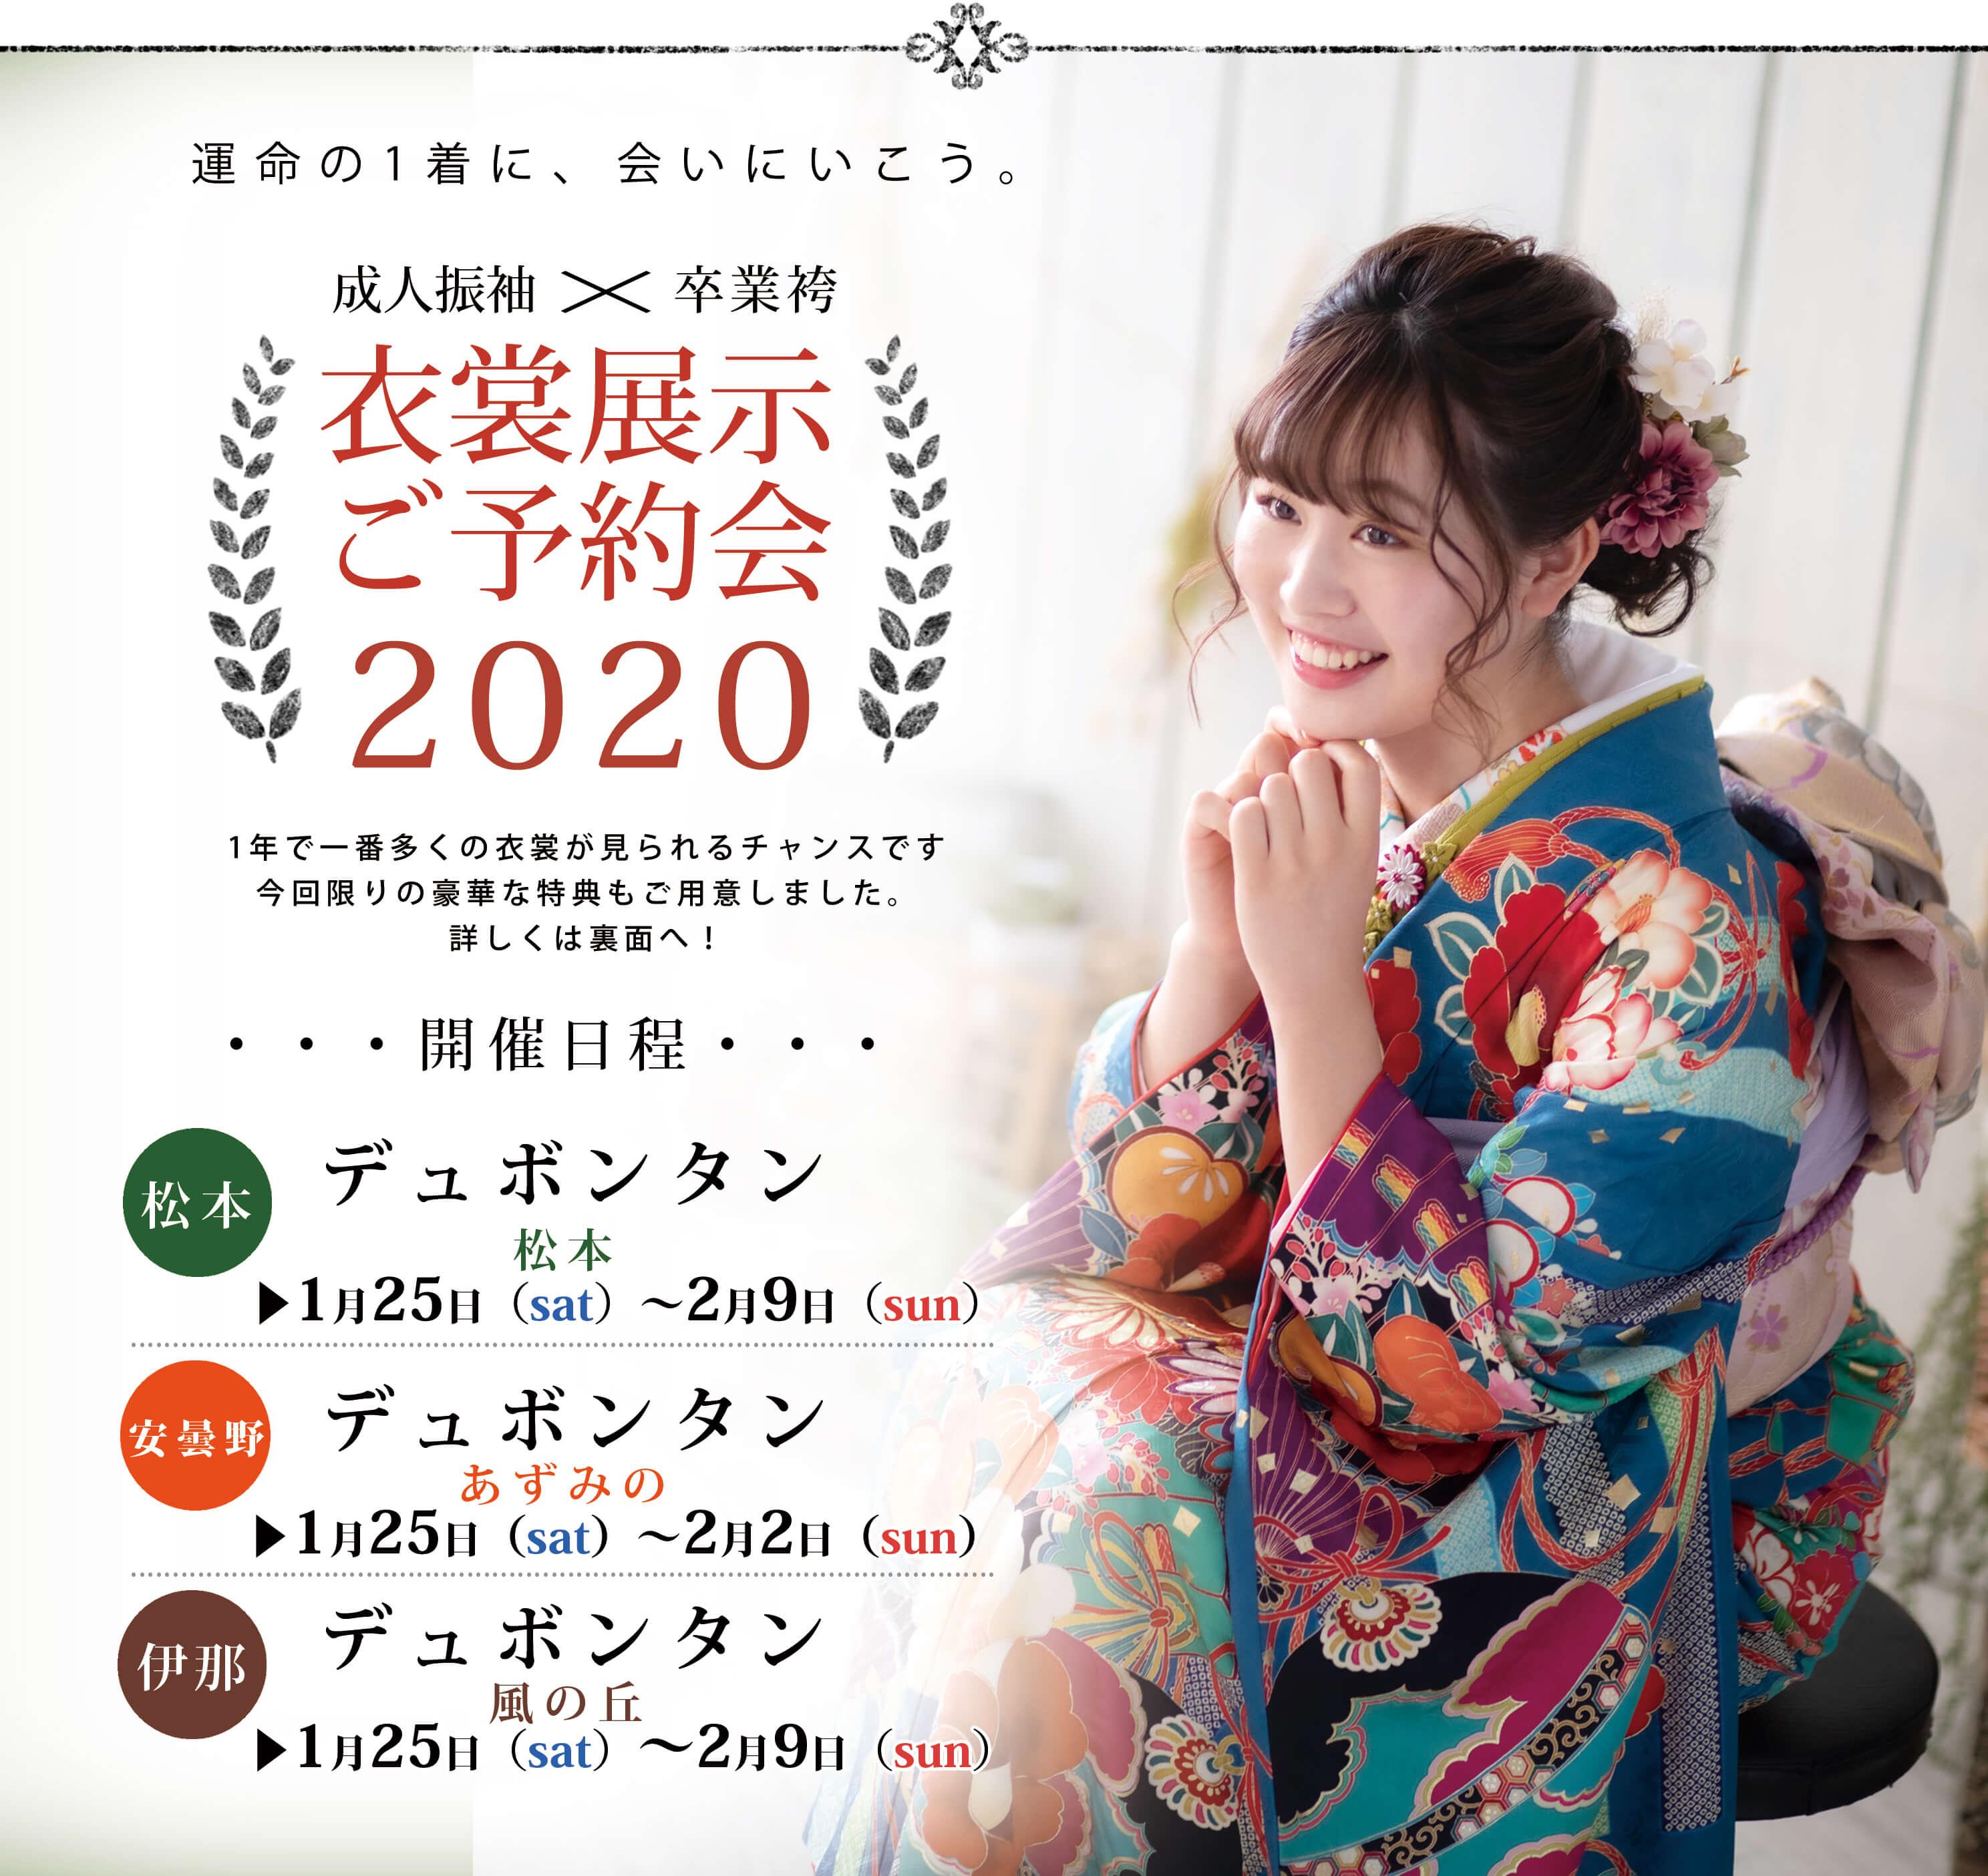 デュボンタン 成人振袖×卒業袴 衣裳展示&ご予約会 1月開催